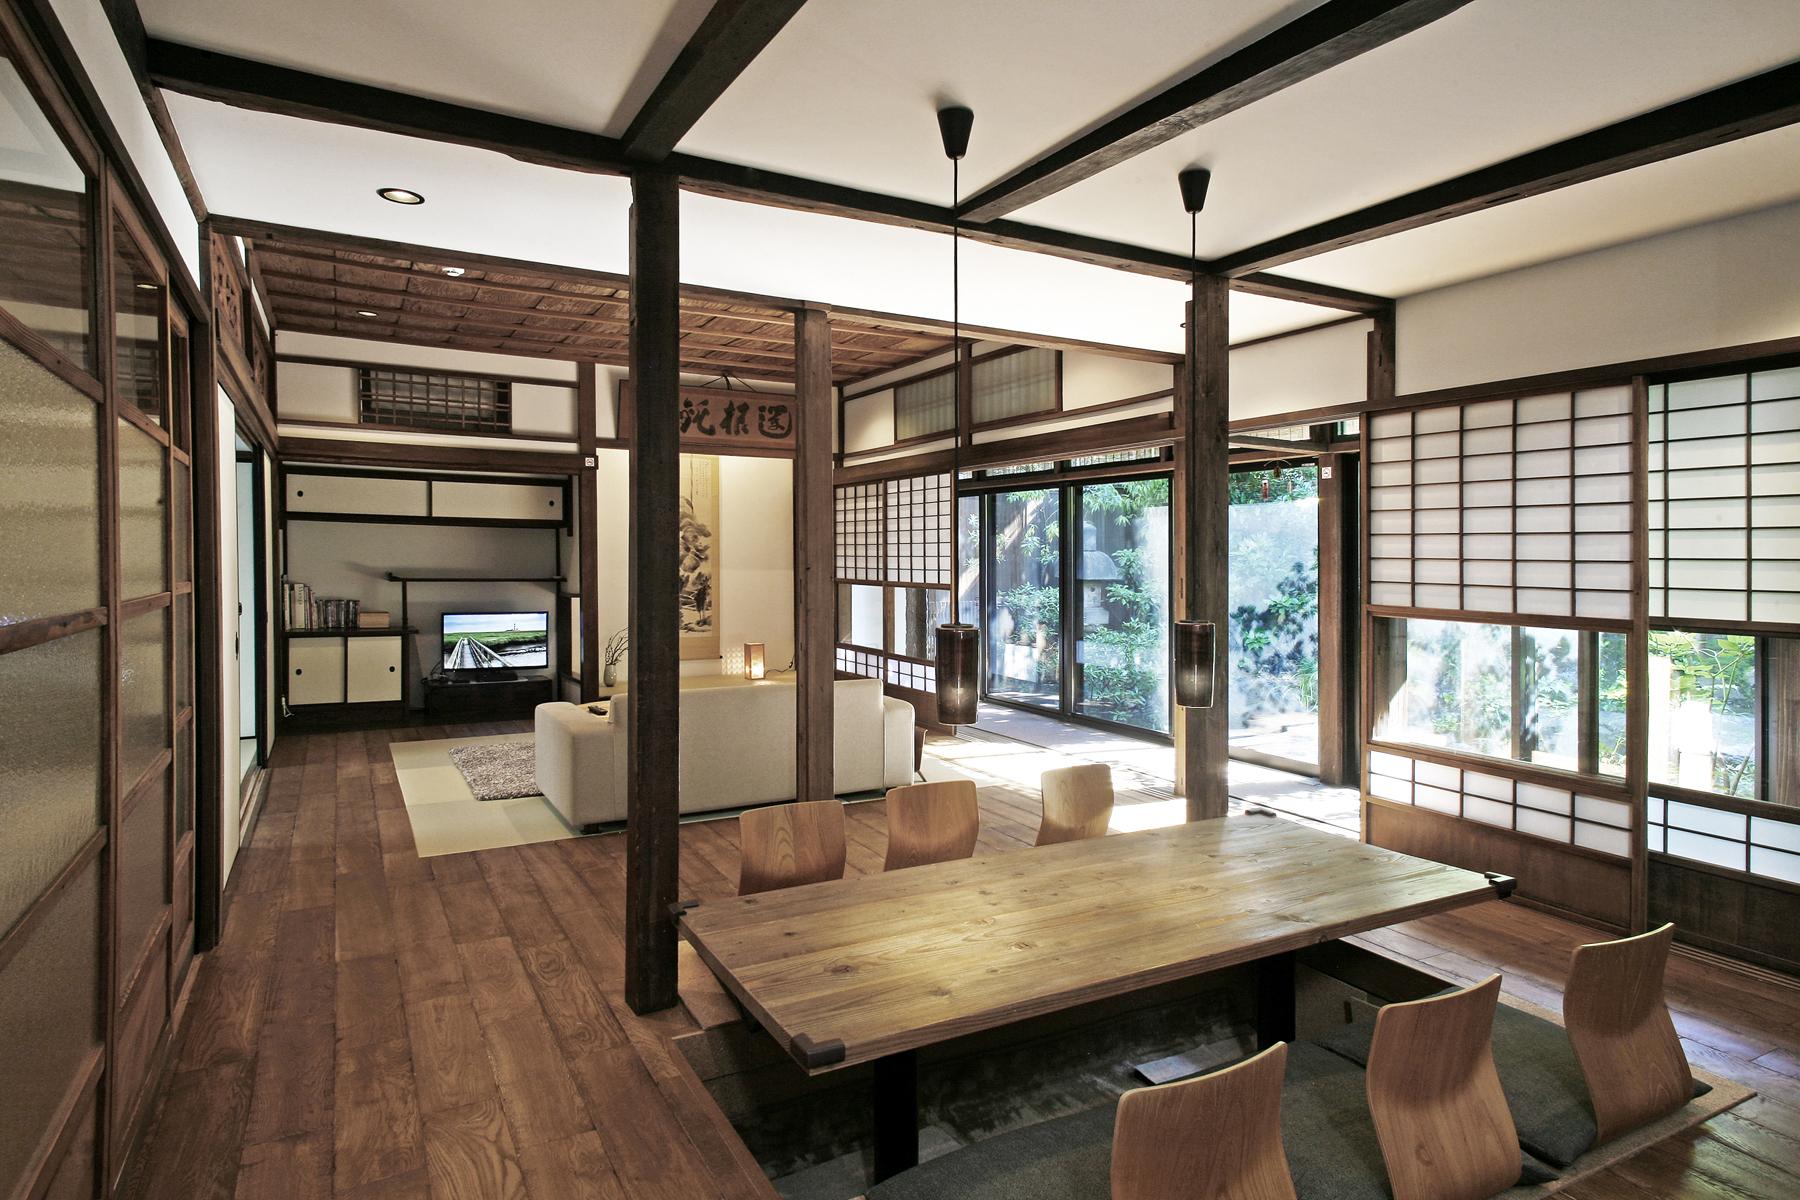 vivre le japon voyages sur mesure au pays nippon firstluxe. Black Bedroom Furniture Sets. Home Design Ideas